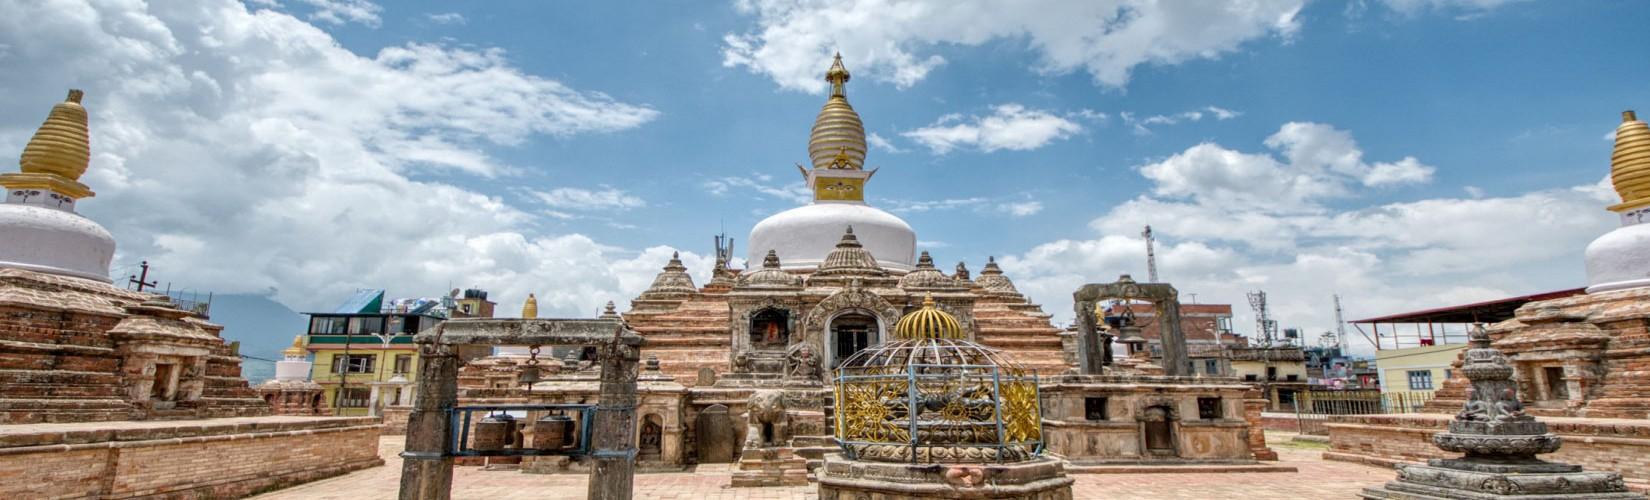 Kirtipur Buddha Bihar